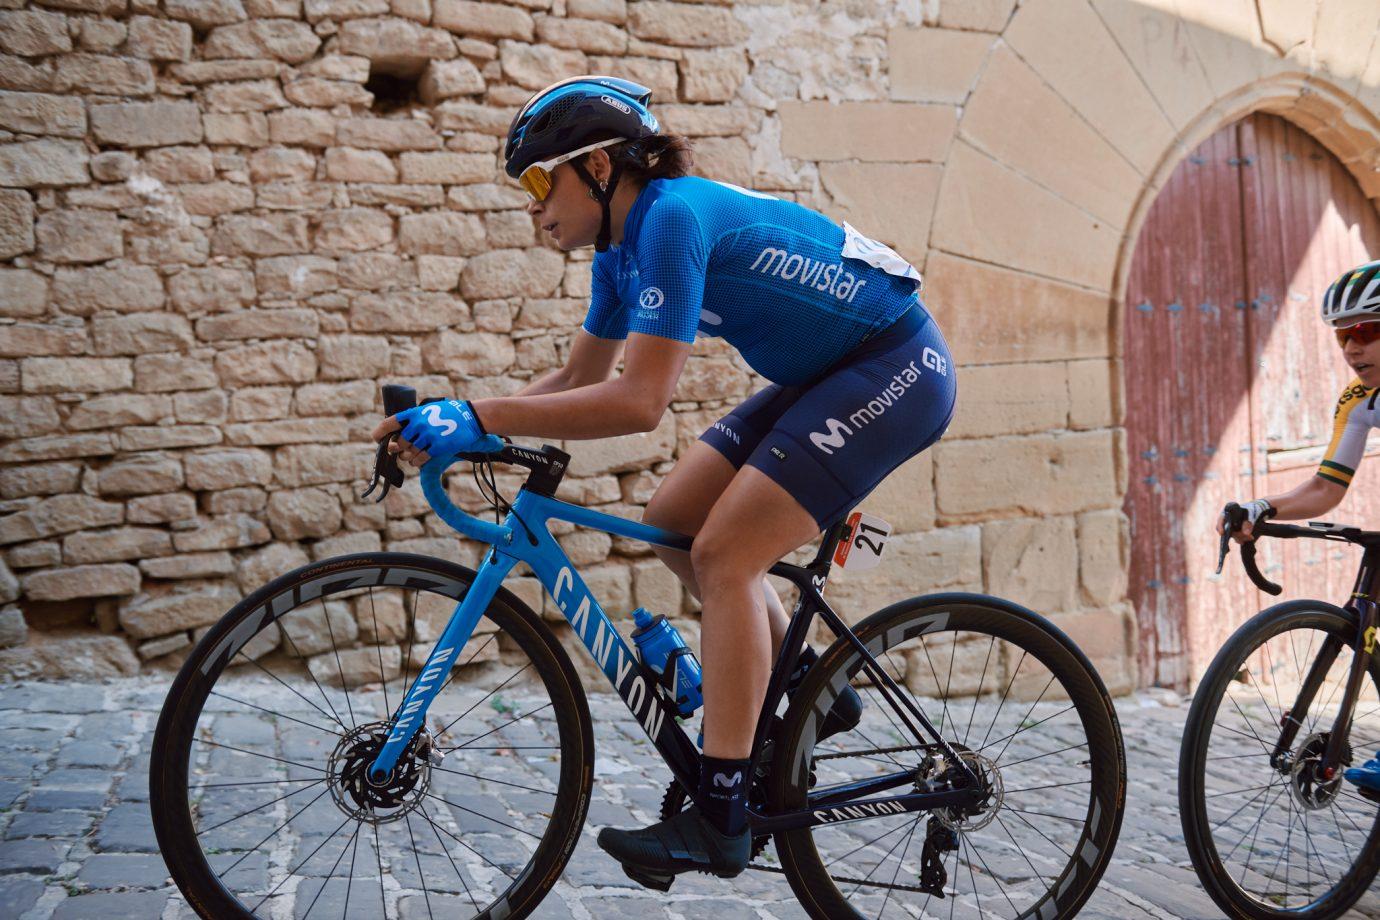 Imagen de la noticia 'Sheyla Gutiérrez (6th) off to fine restart in Pamplona'